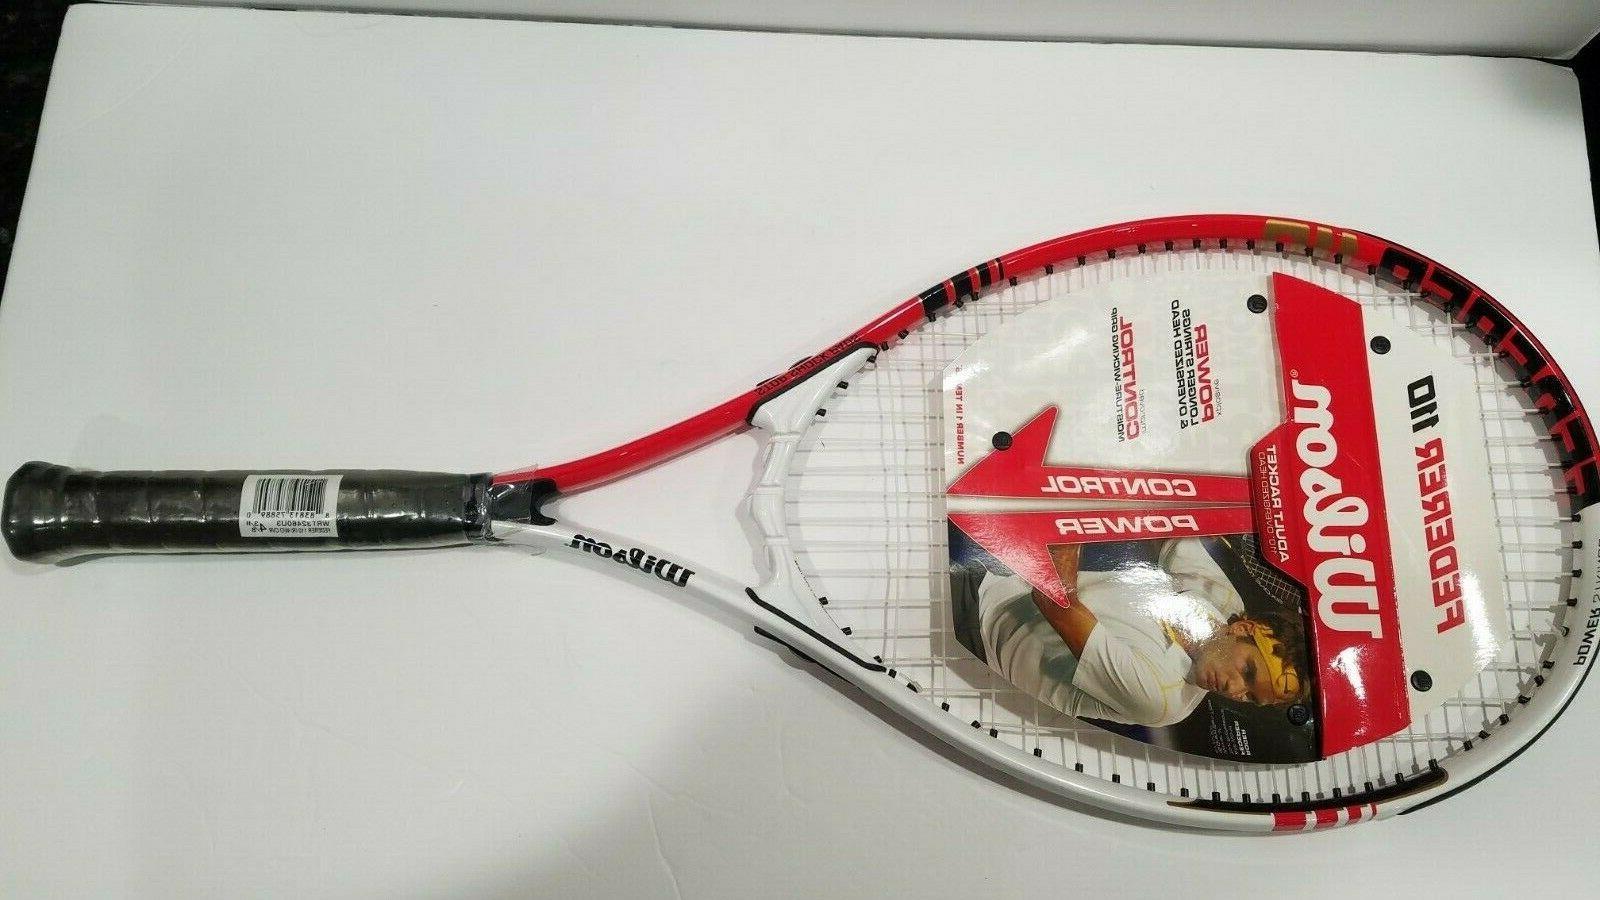 roger federer tennis racket white red